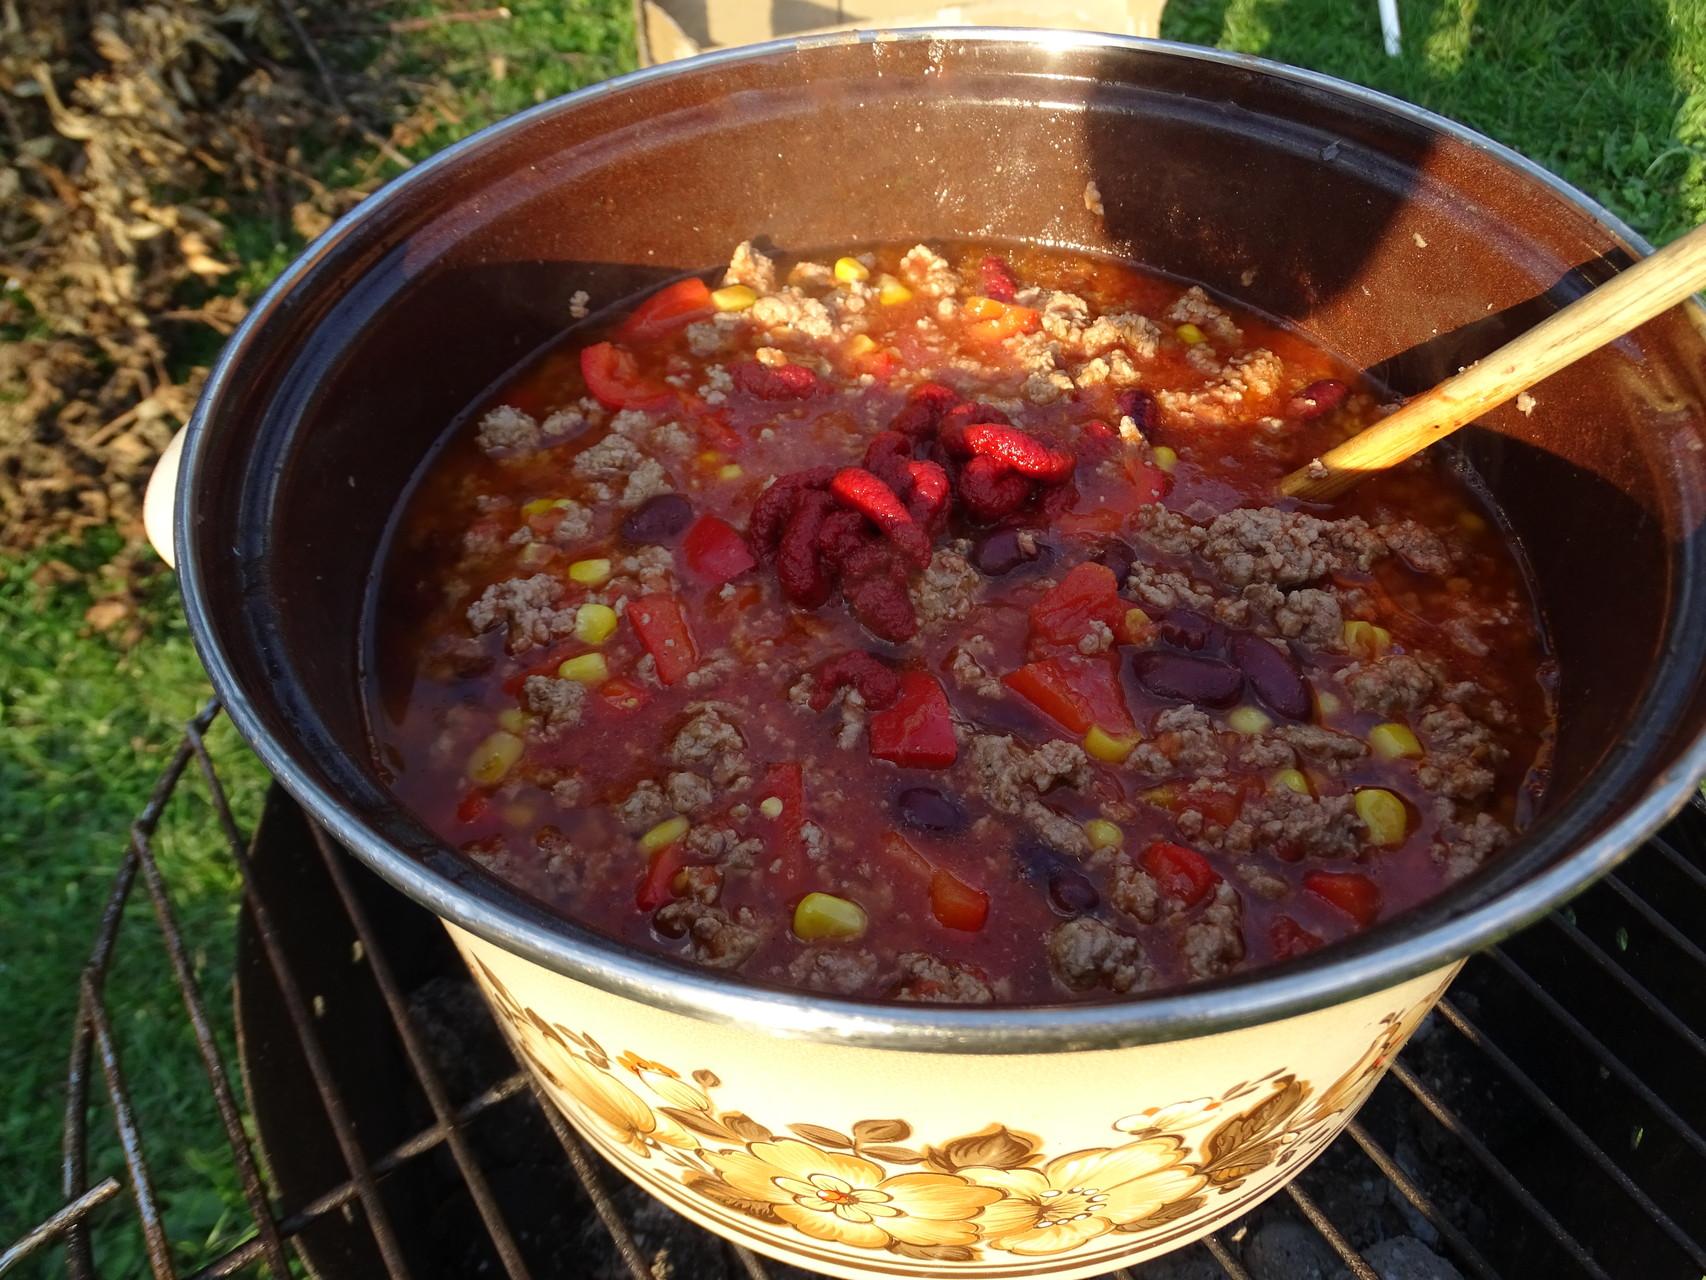 Köstliches Chili con Carne am zweiten Abend!